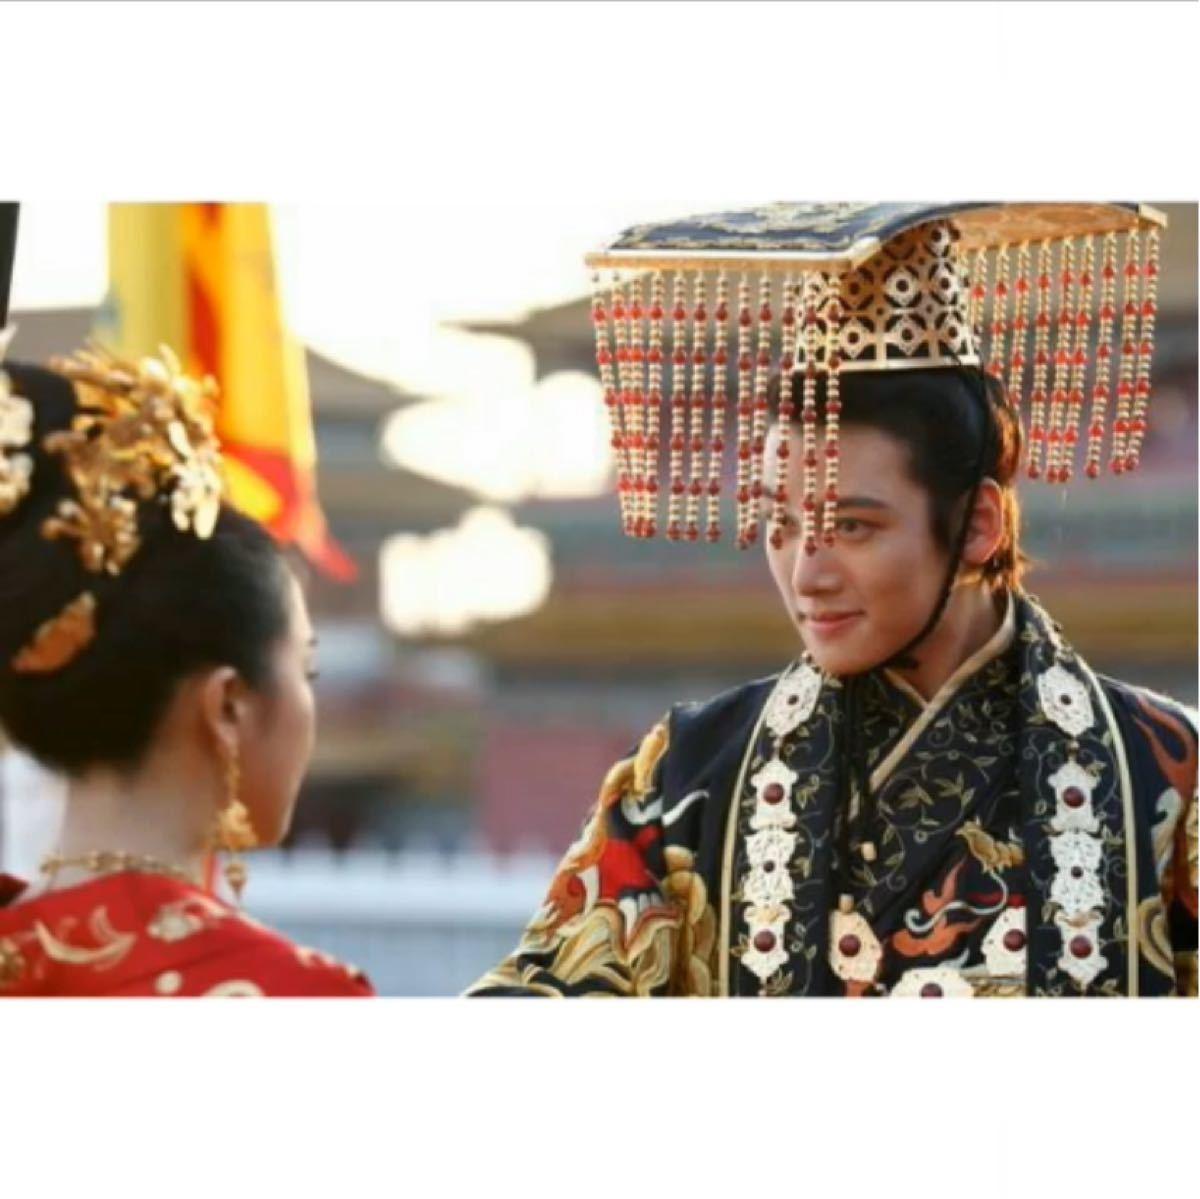 ★韓国ドラマ★『奇皇后ー二つの愛涙の誓い』 Blu-ray  日本語吹替アリ  全話 クリアケース入